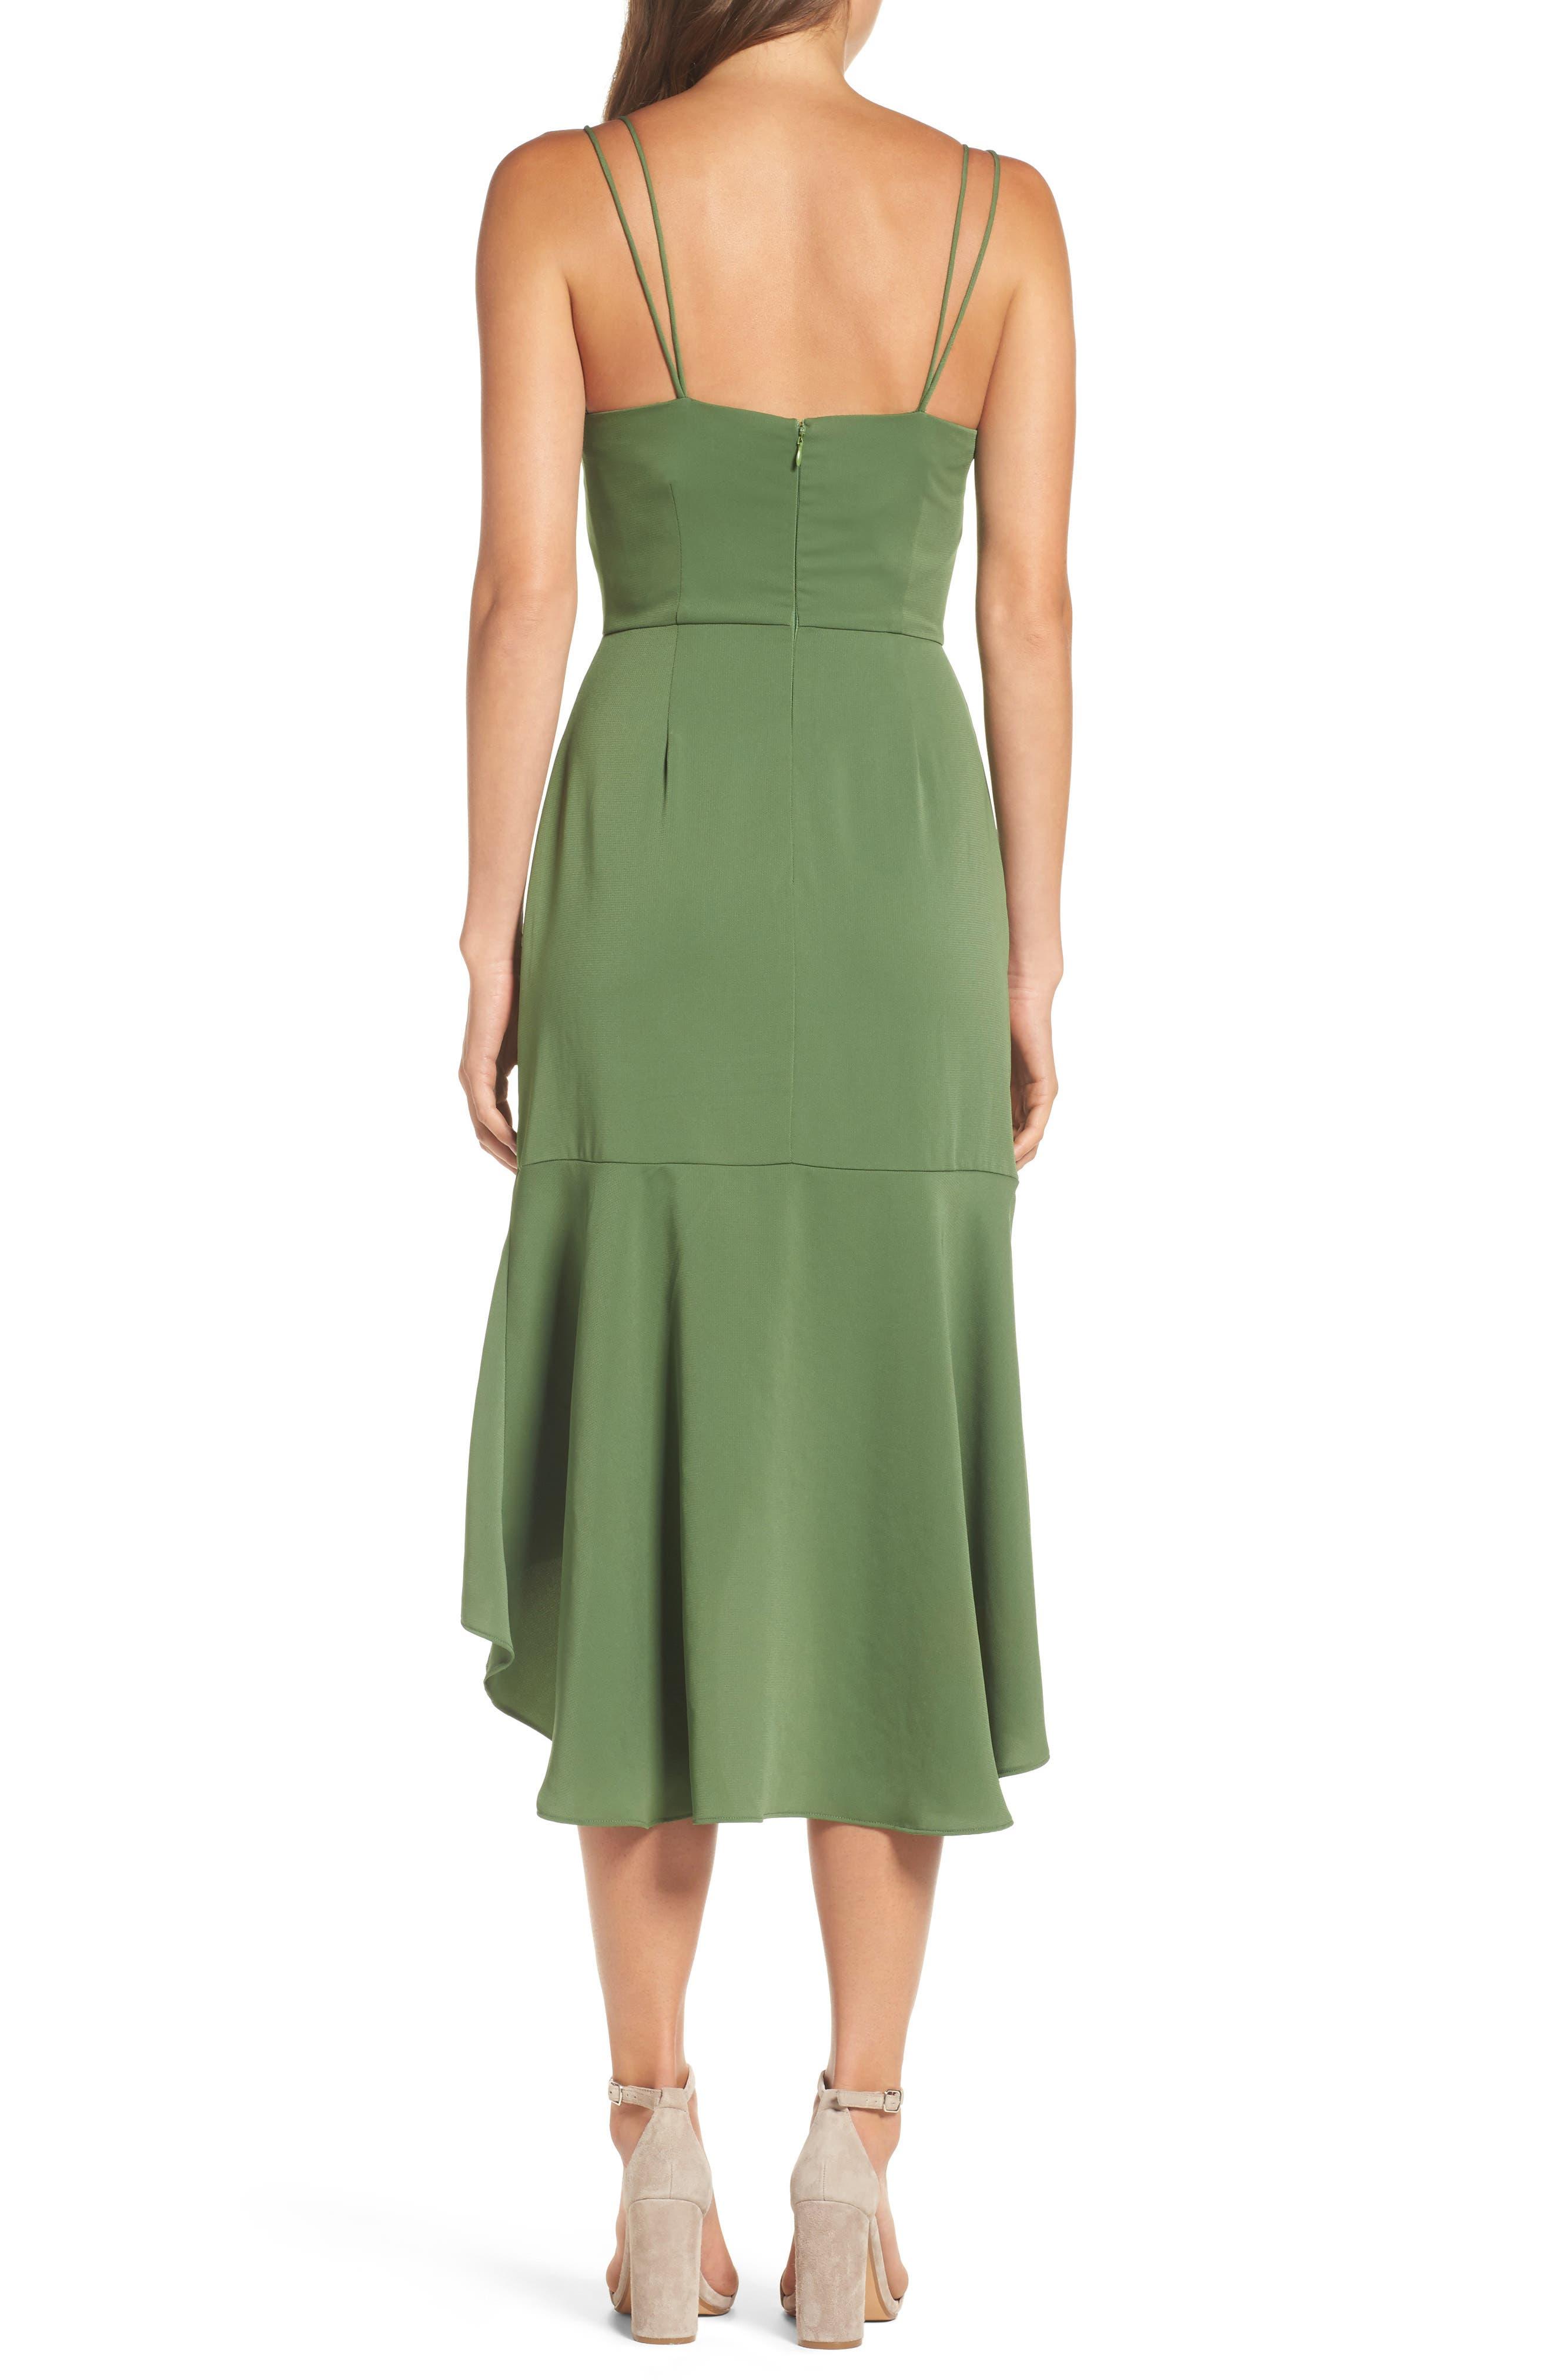 Lovine Midi Dress,                             Alternate thumbnail 2, color,                             301